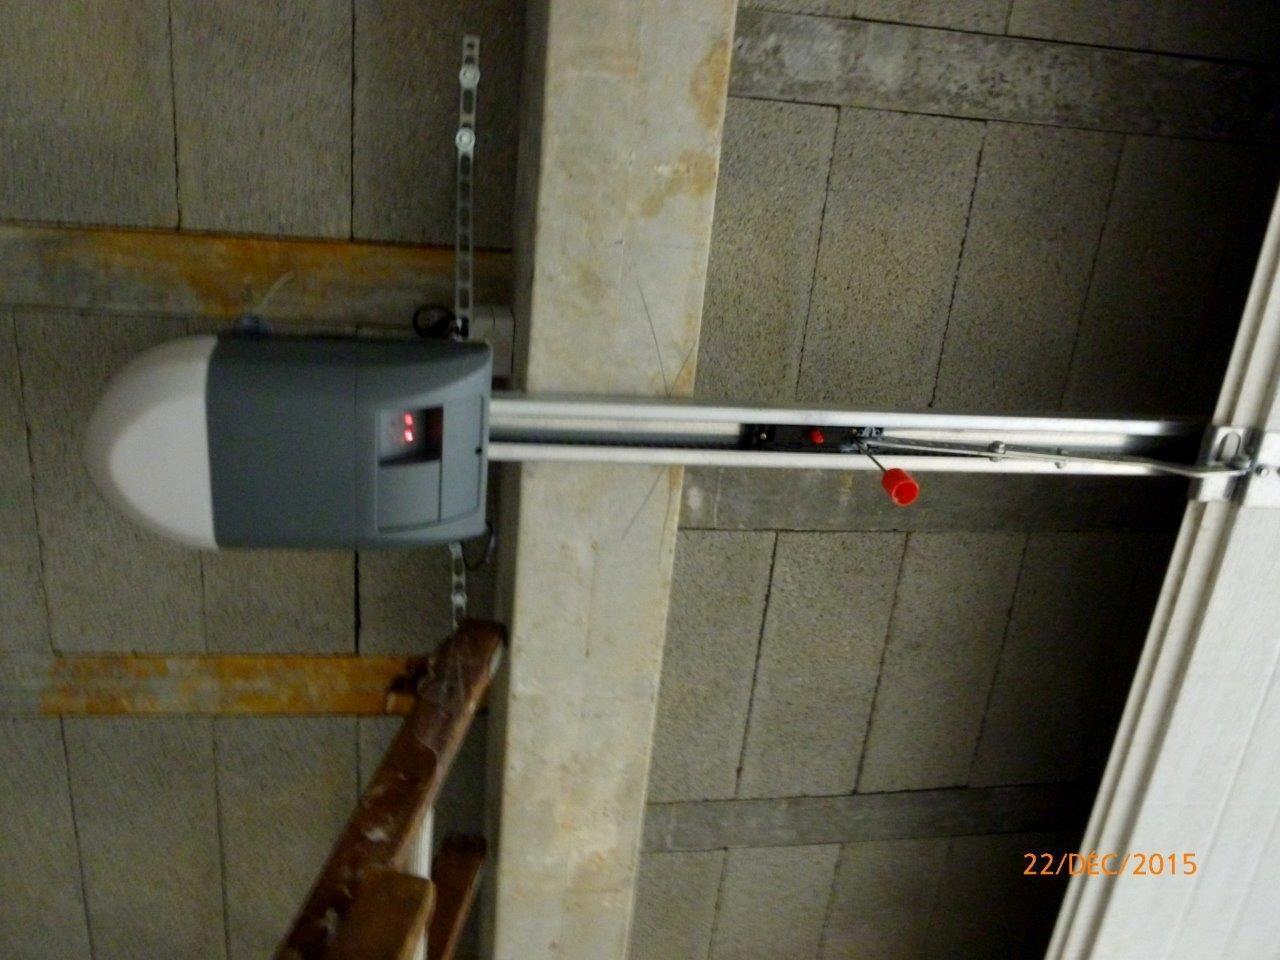 99 Telecommande Porte Garage Wayne Dalton Check More At Https Www Dtvuy Info Telecommande Porte Garage Wayne Dalton